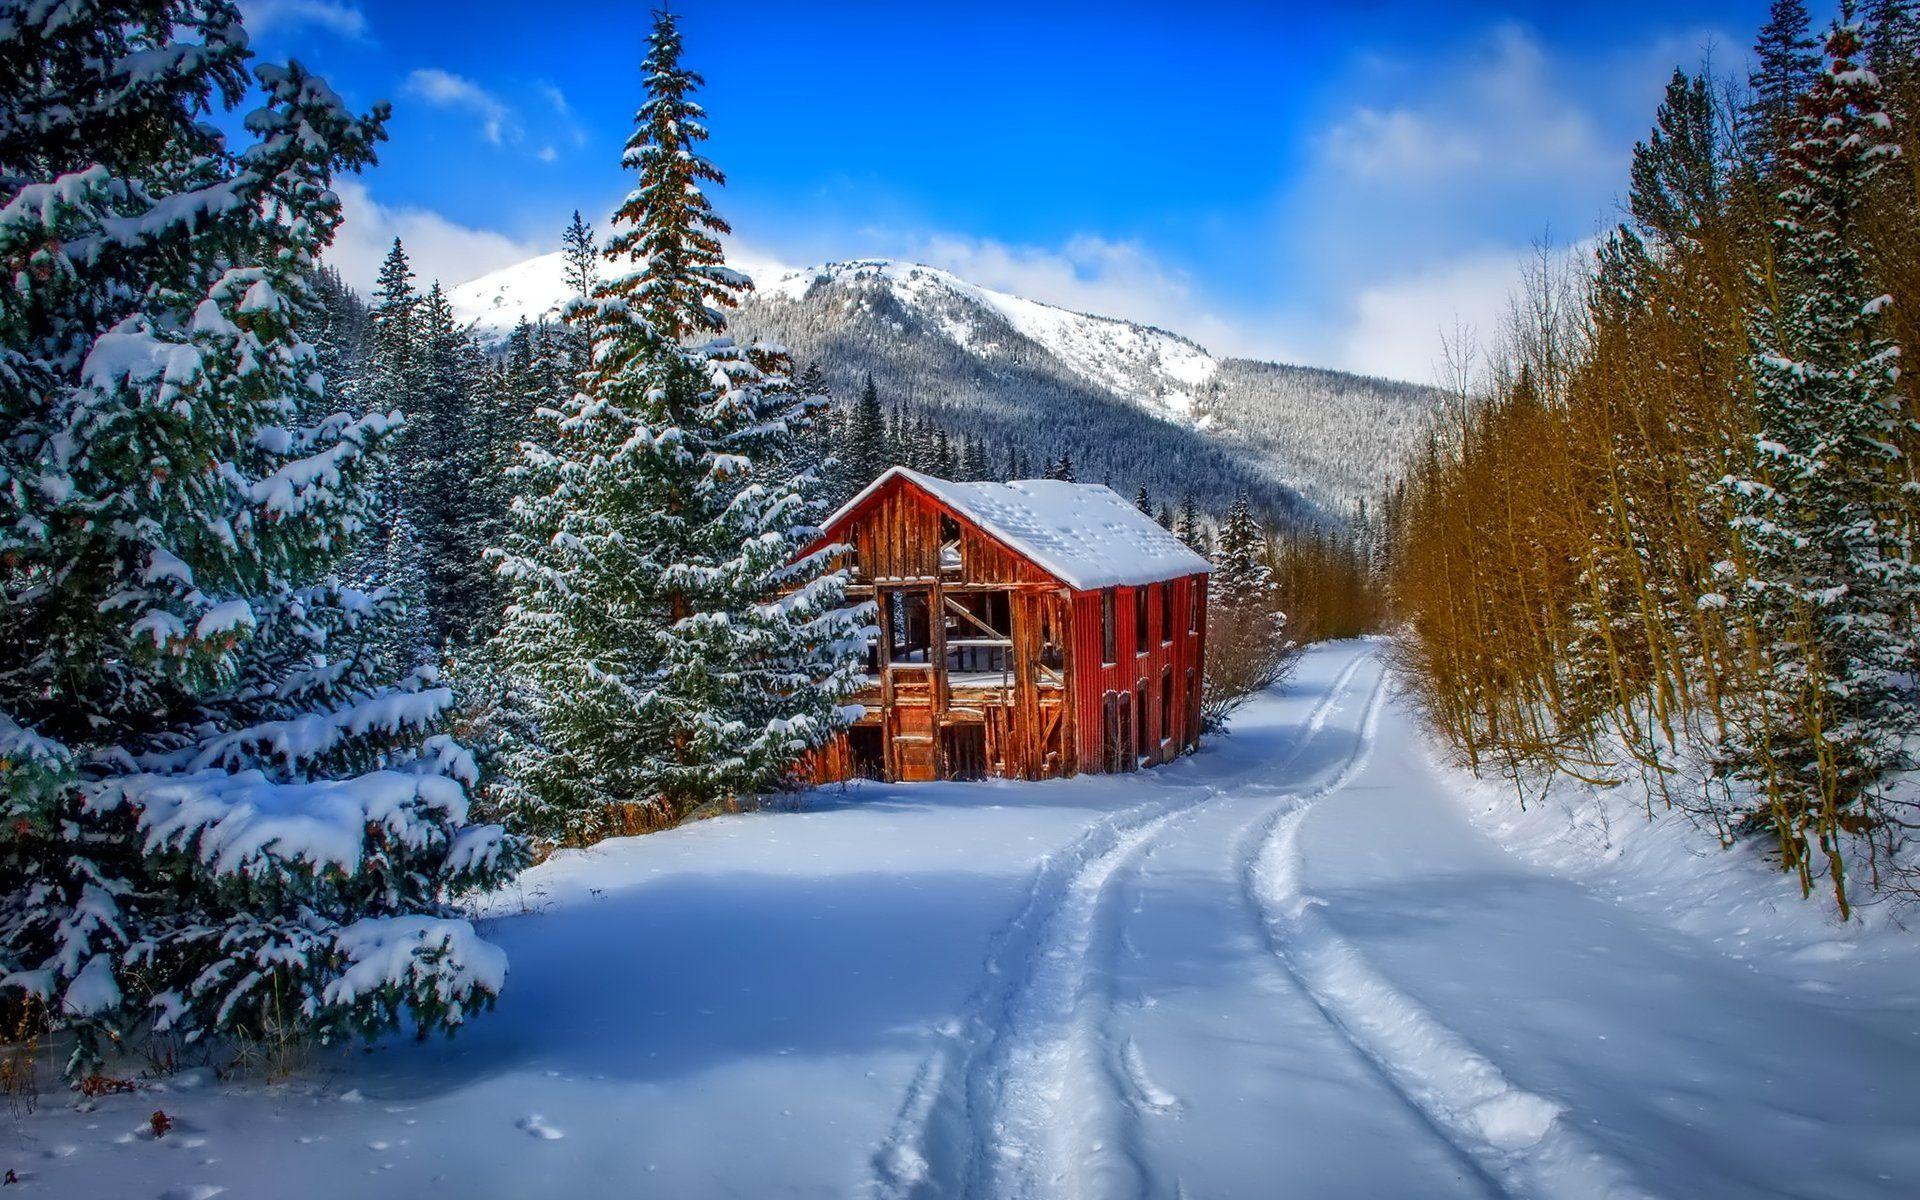 Pin By Prasadjohn On Zima Winter Winter Cabin Free Winter Wallpaper Cabin